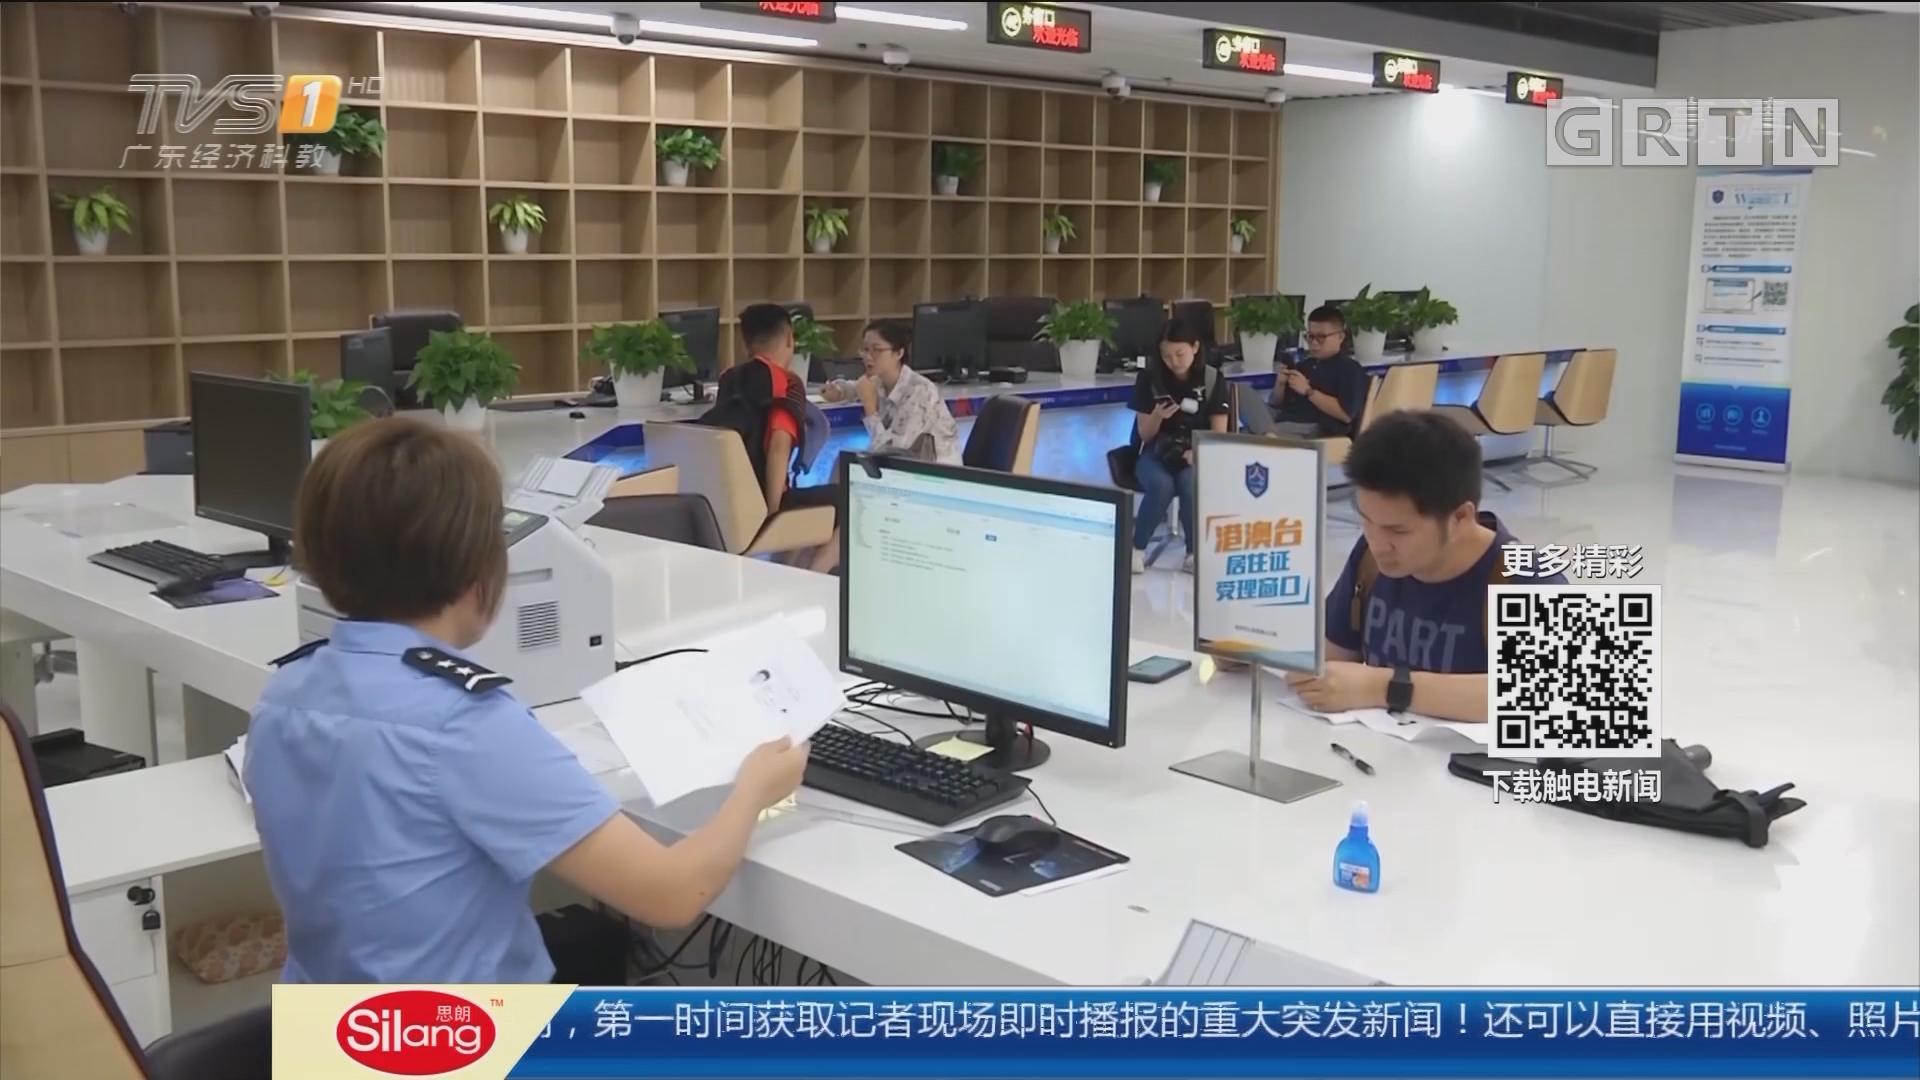 港澳台居民居住证申领首日 深圳:21个点开办业务 超三百人办理